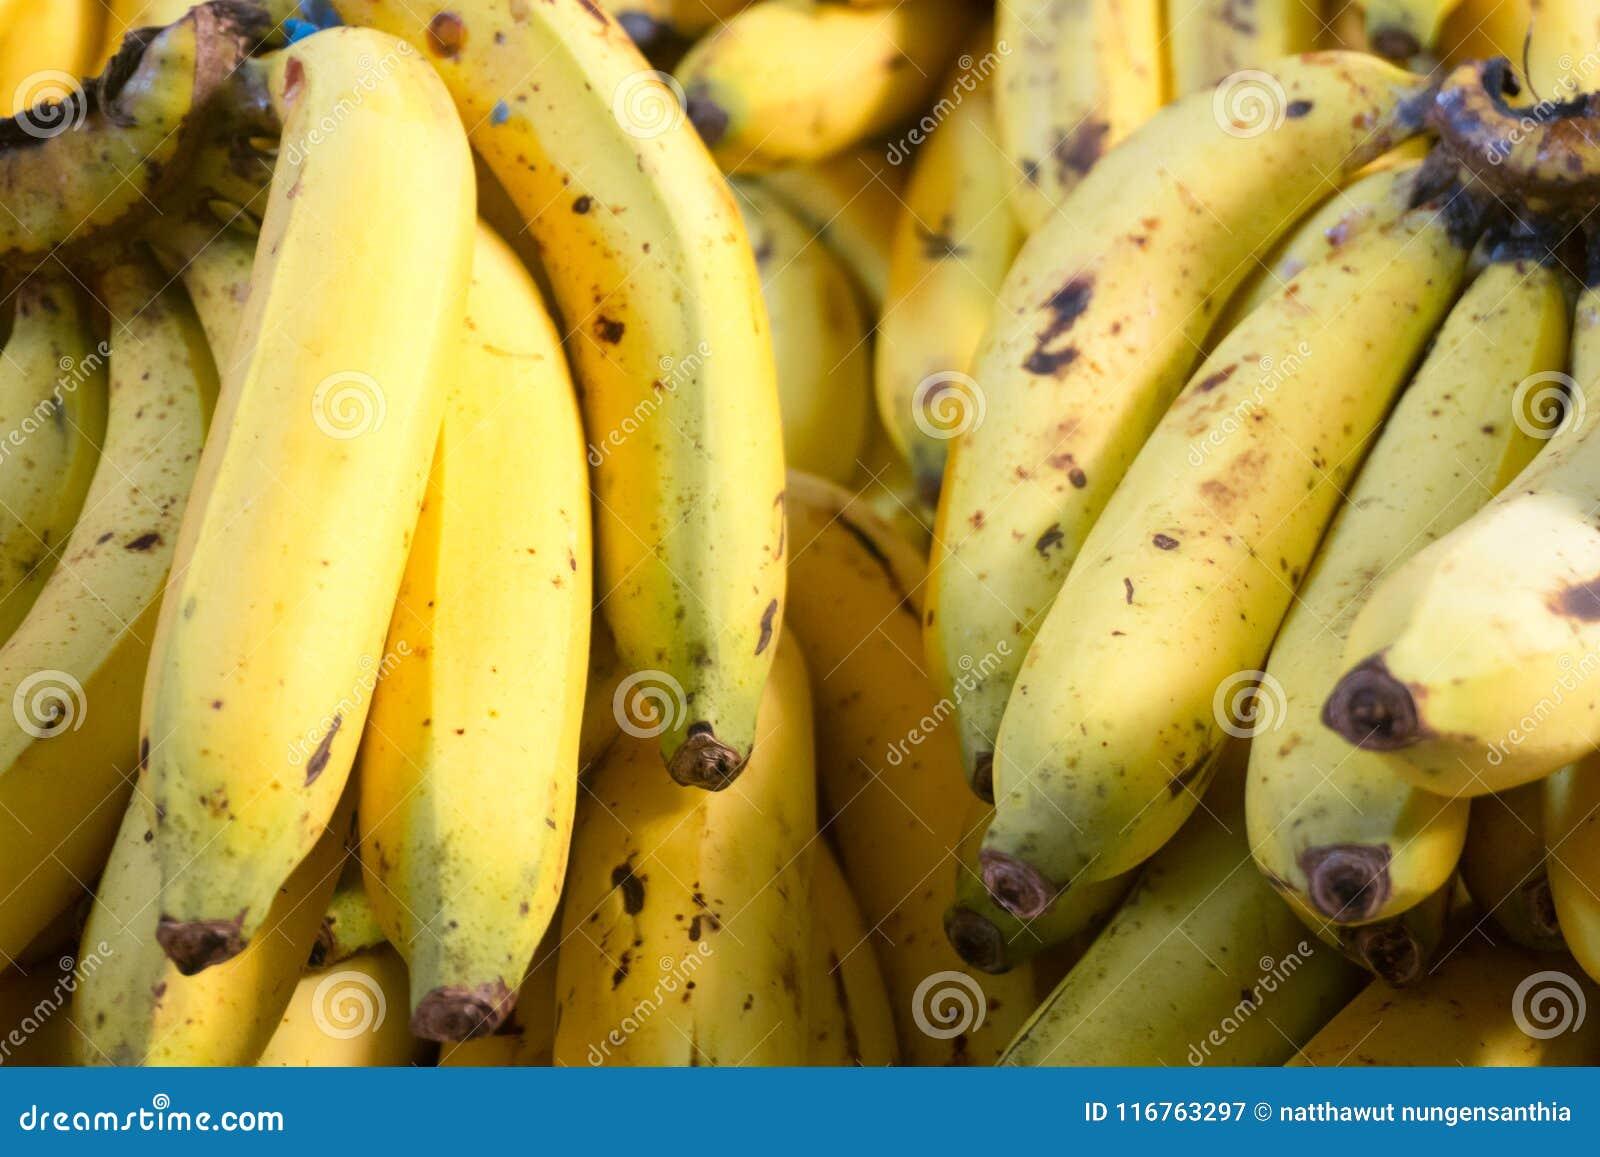 Закройте вверх зрелого желтого банана